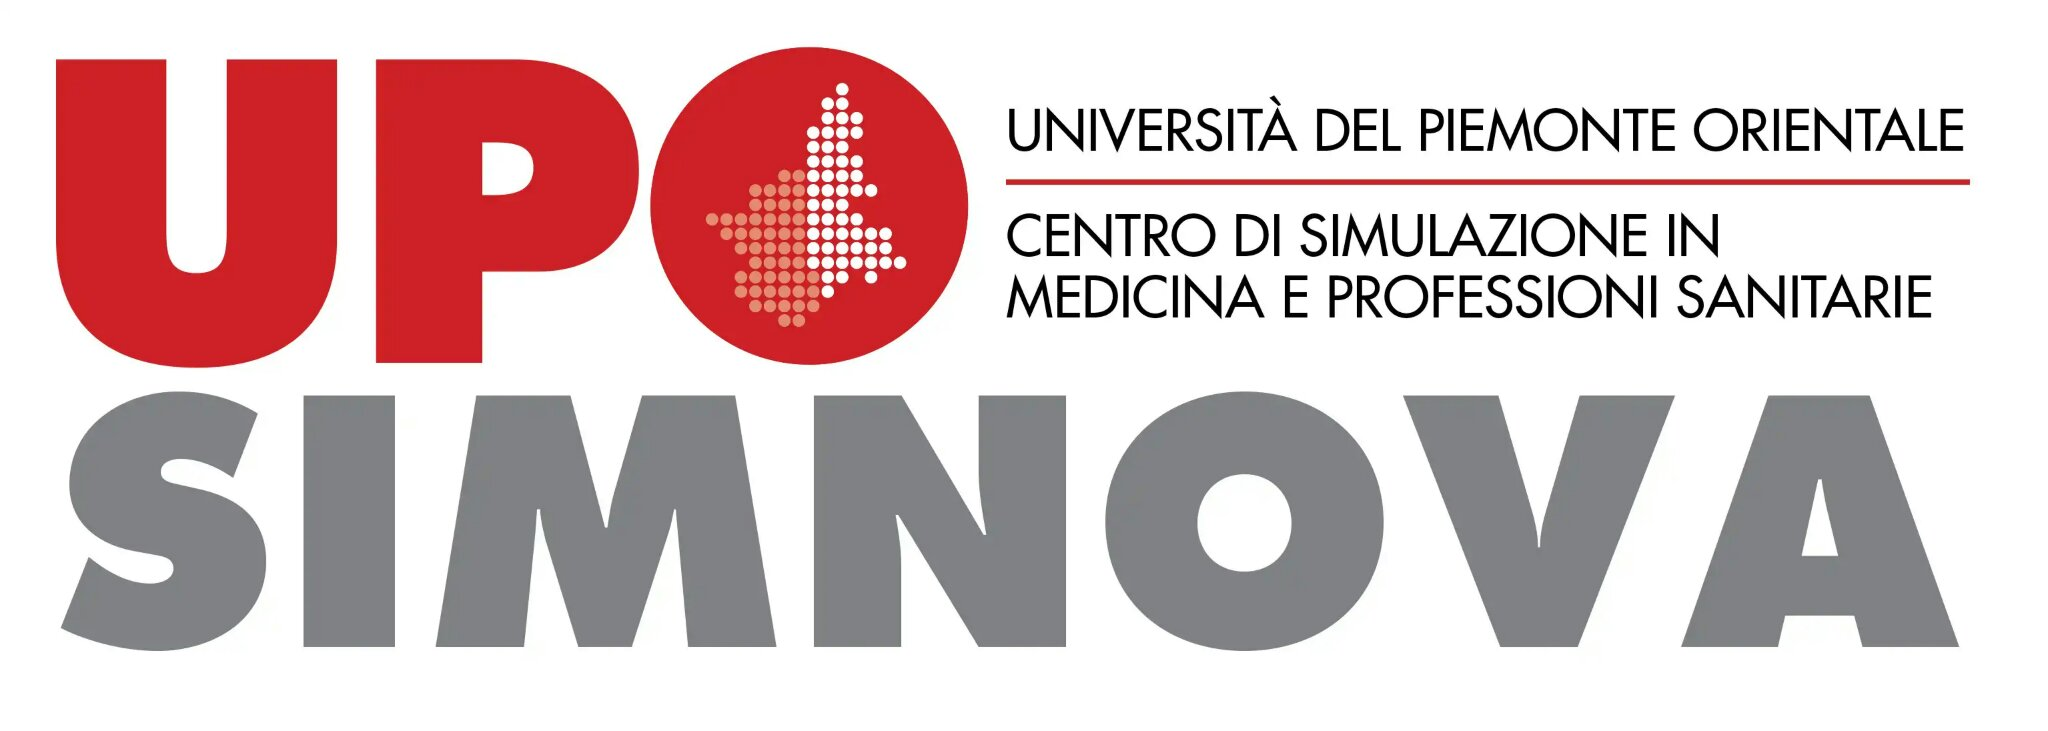 Importante appuntamento di simulazione medica multidisciplinare in  Piemonte, di Lia Tommi – Alessandria today @ Web Media. Pier Carlo Lava